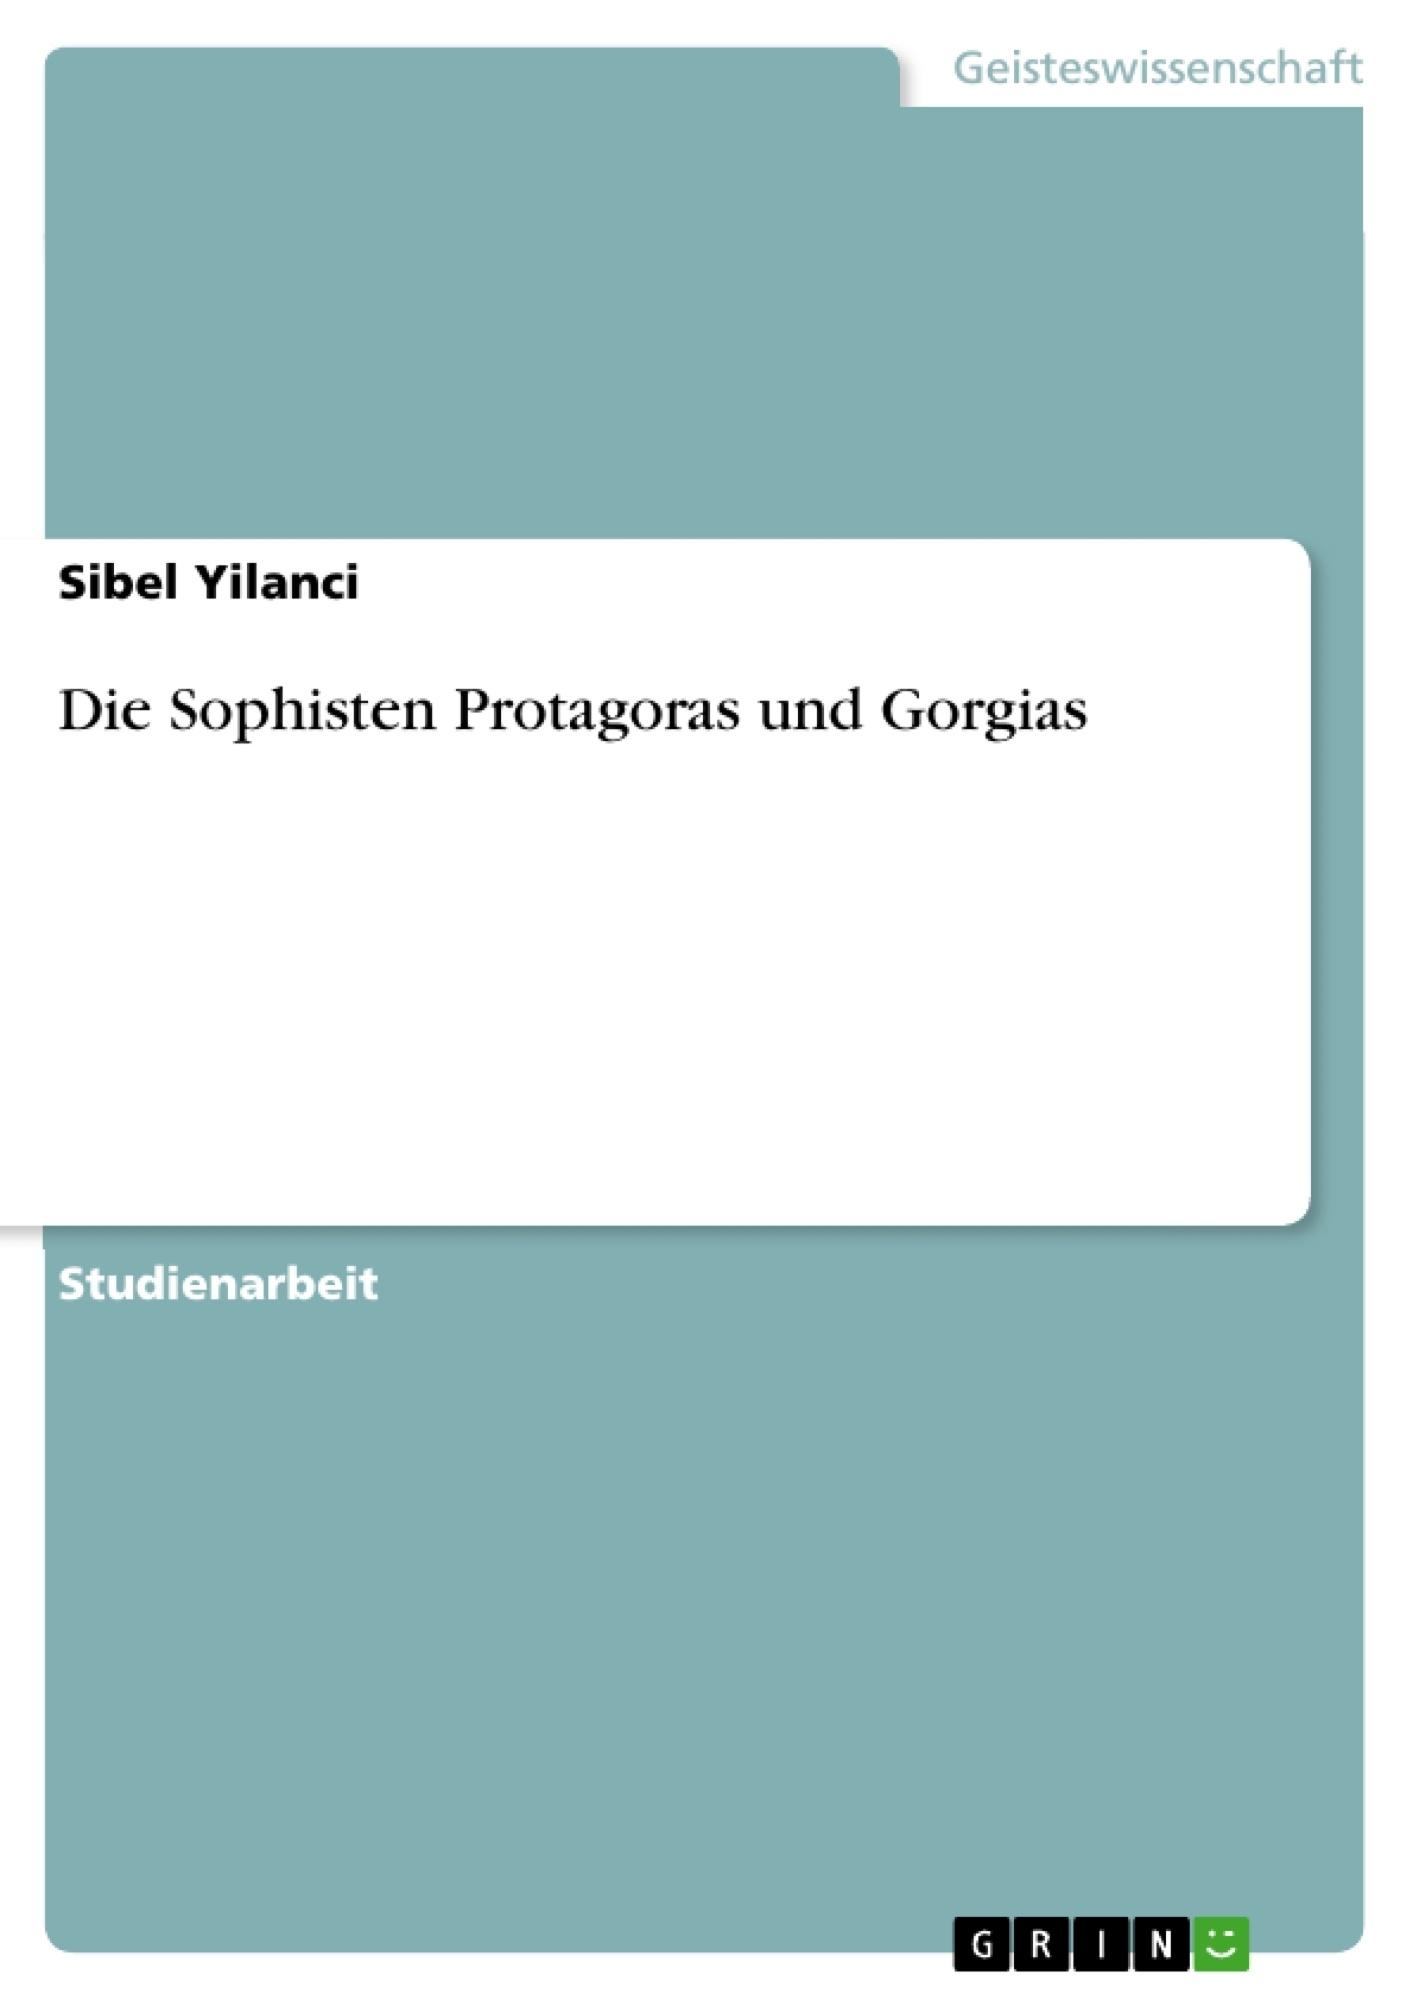 Titel: Die Sophisten Protagoras und Gorgias